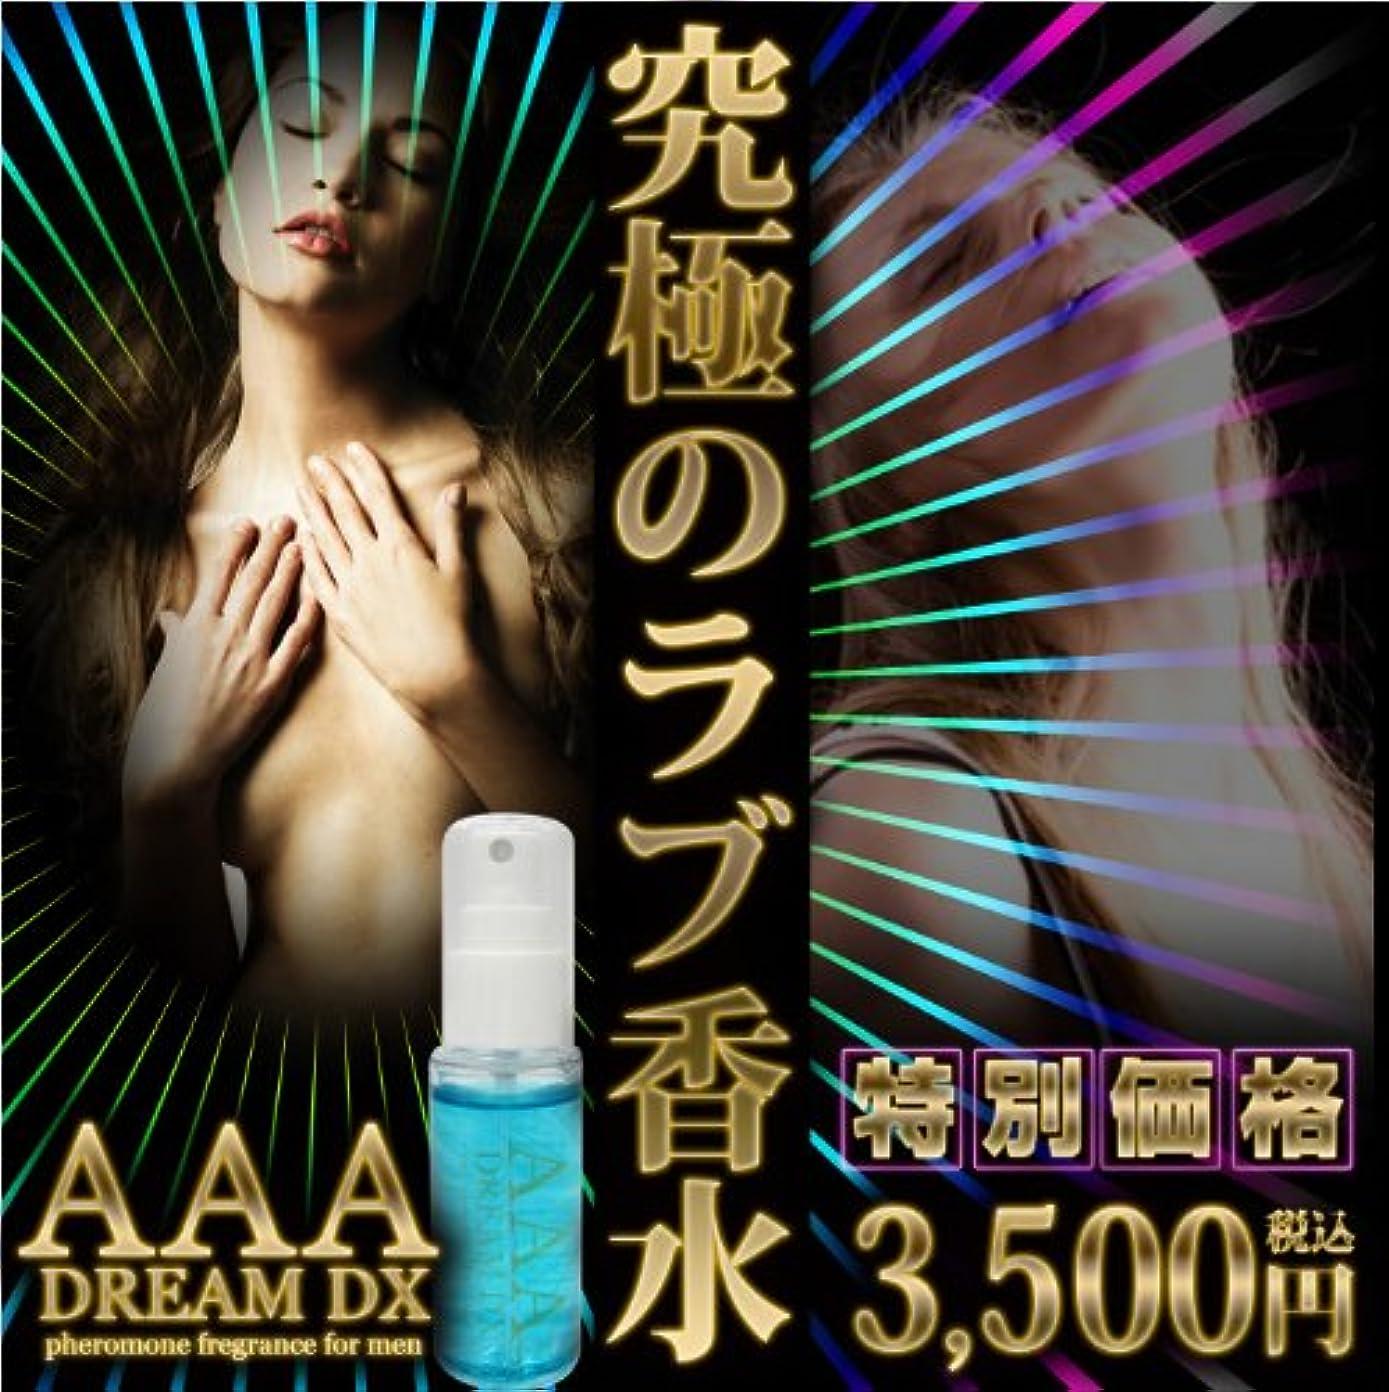 損なう締め切り発見するAAA DreamDX エーエーエードリームデラックス(消臭成分配合男性用フェロモン香水)